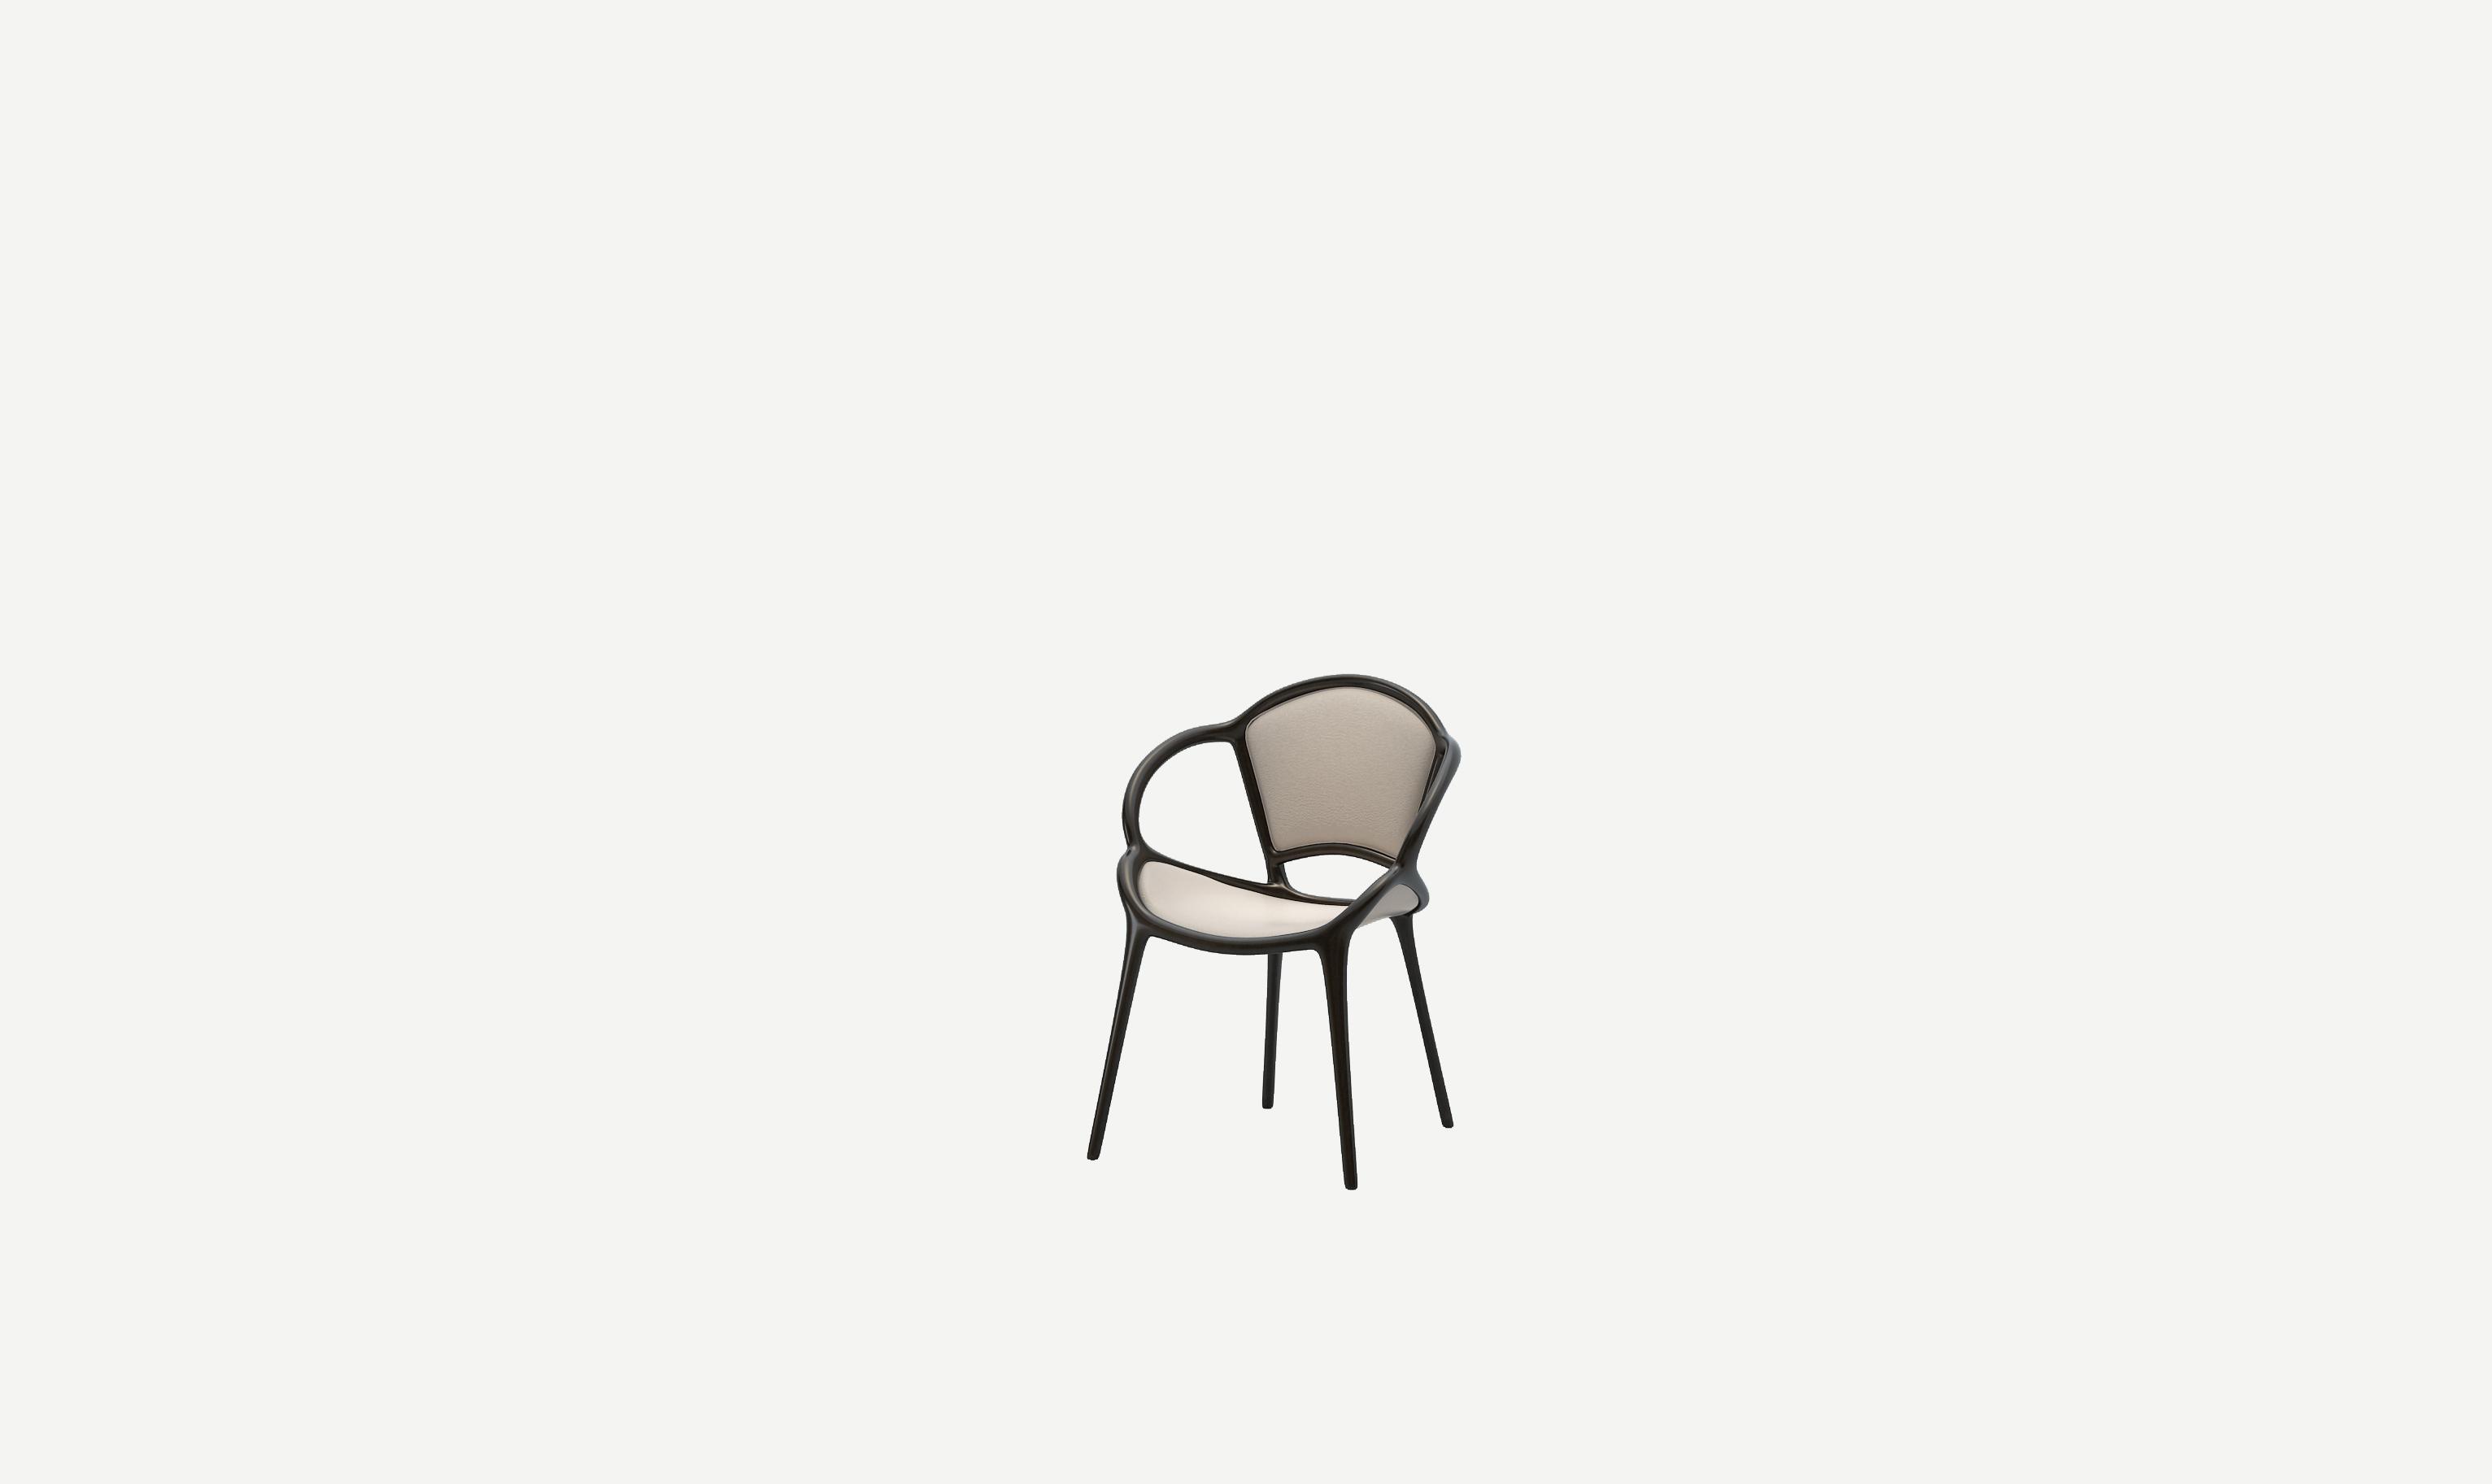 DesignMVW_XuMing&VirginieMoriette_Cotton Chair_collectiblesHall